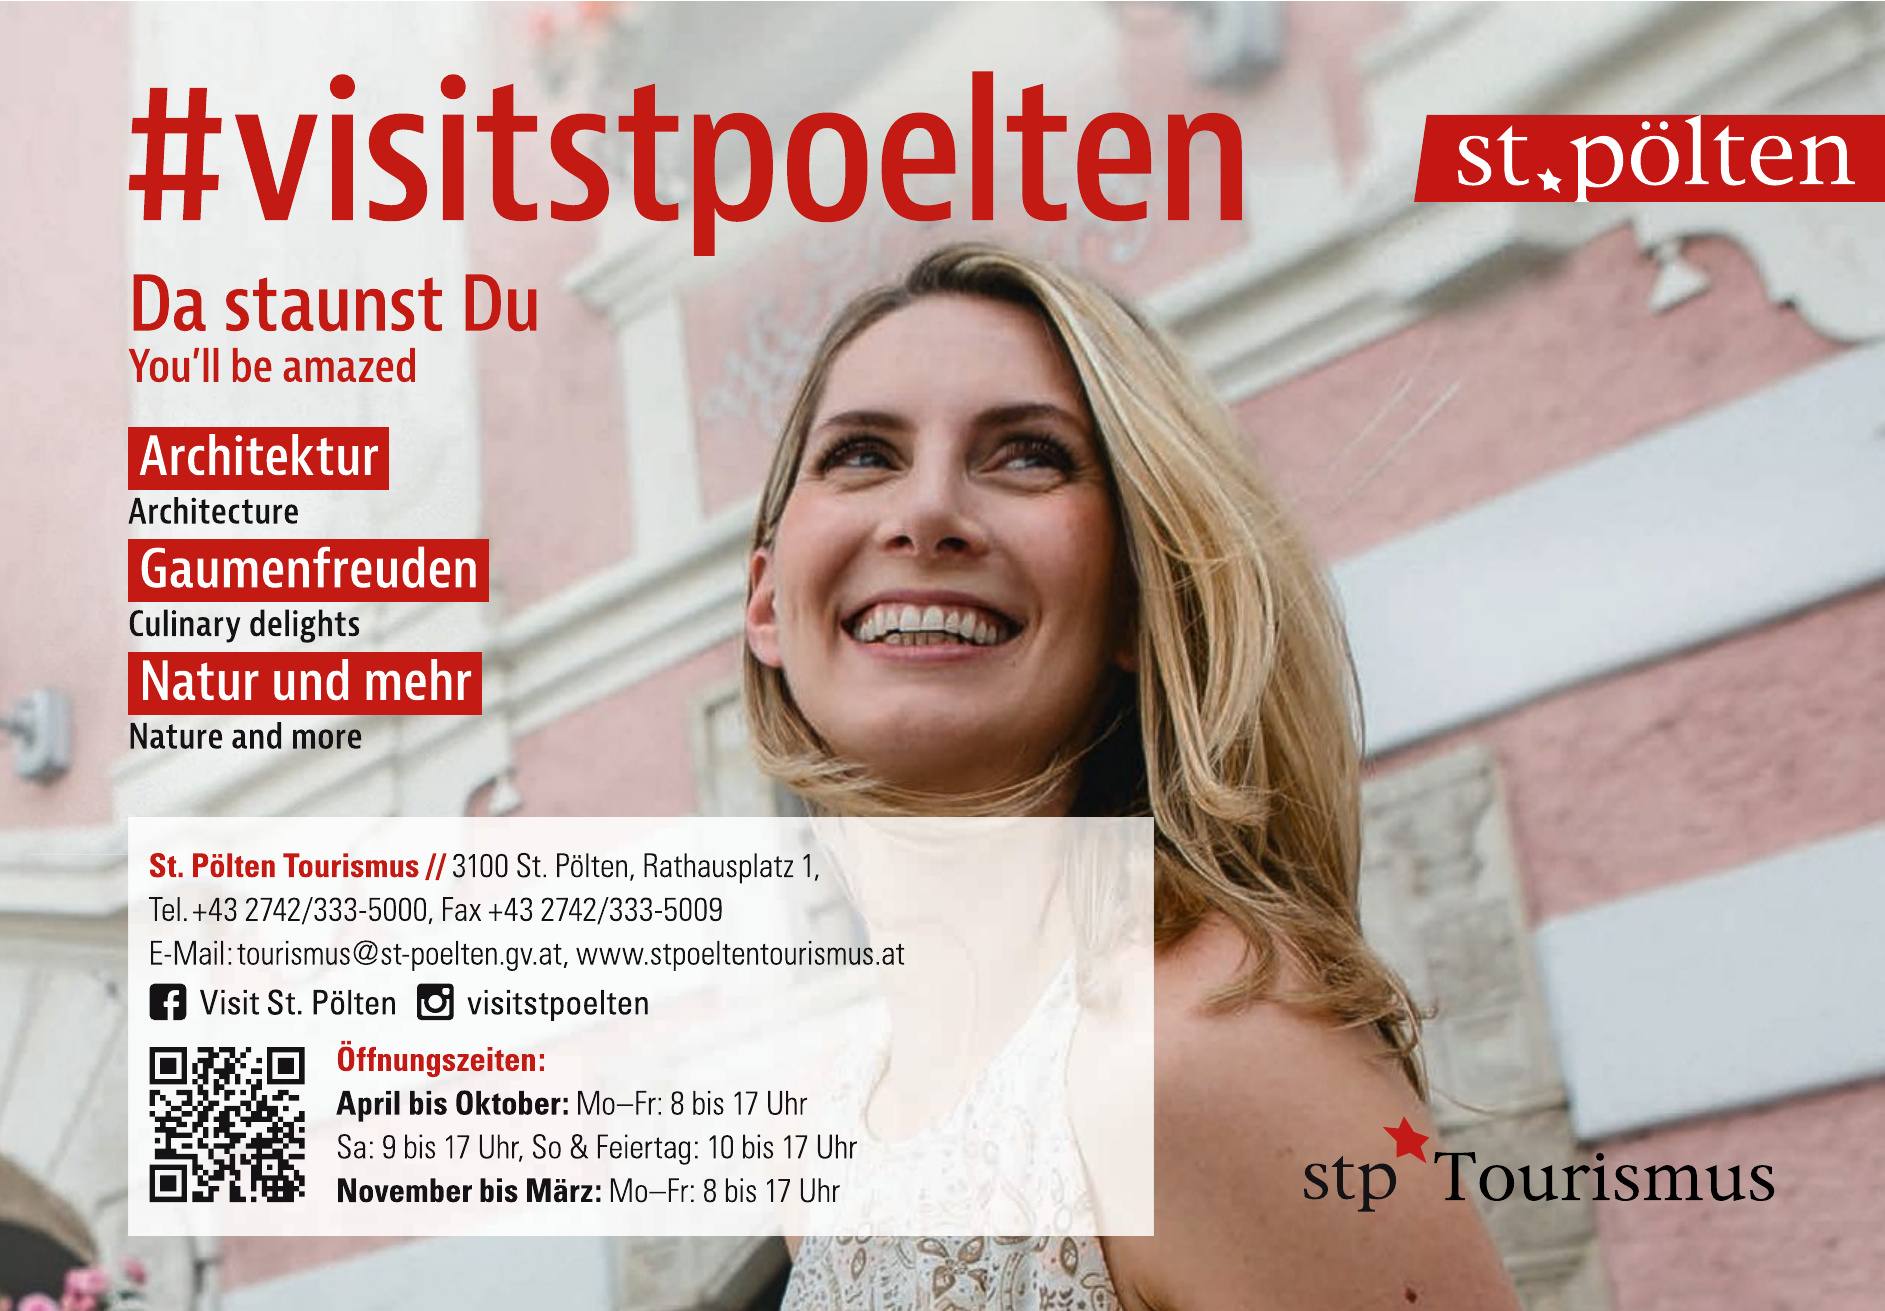 St. Pölten Tourismus